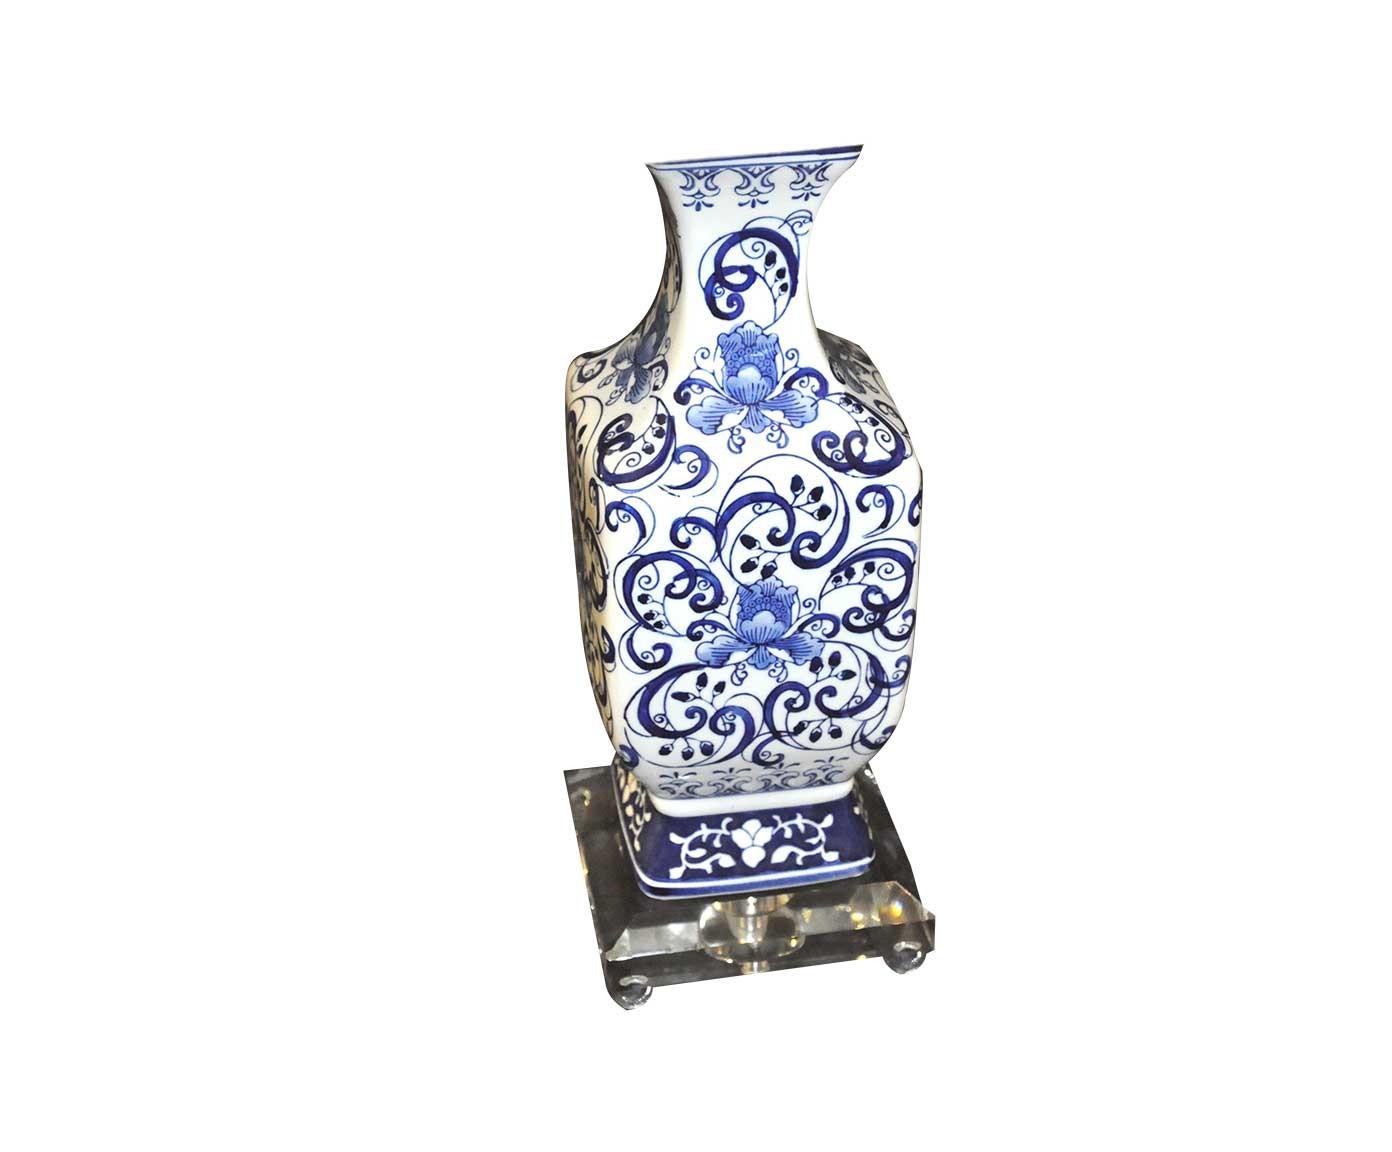 Lampe Porcelaine Bleue De Style Chinoise Demeure Et Jardin